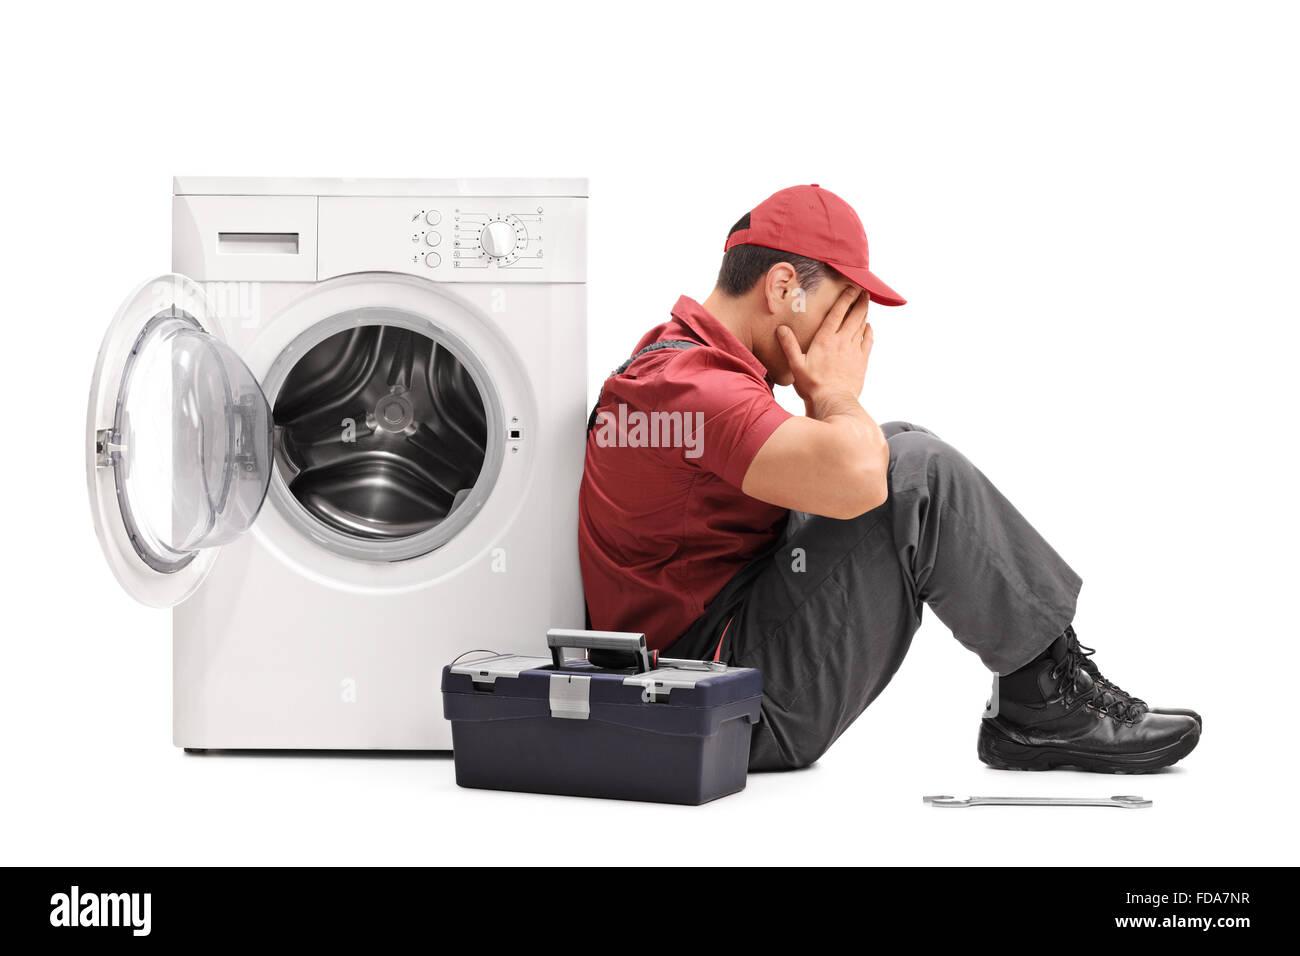 Foto de estudio de un joven decepcionado reparador sentada por una rotura lavadora aislado sobre fondo blanco. Foto de stock